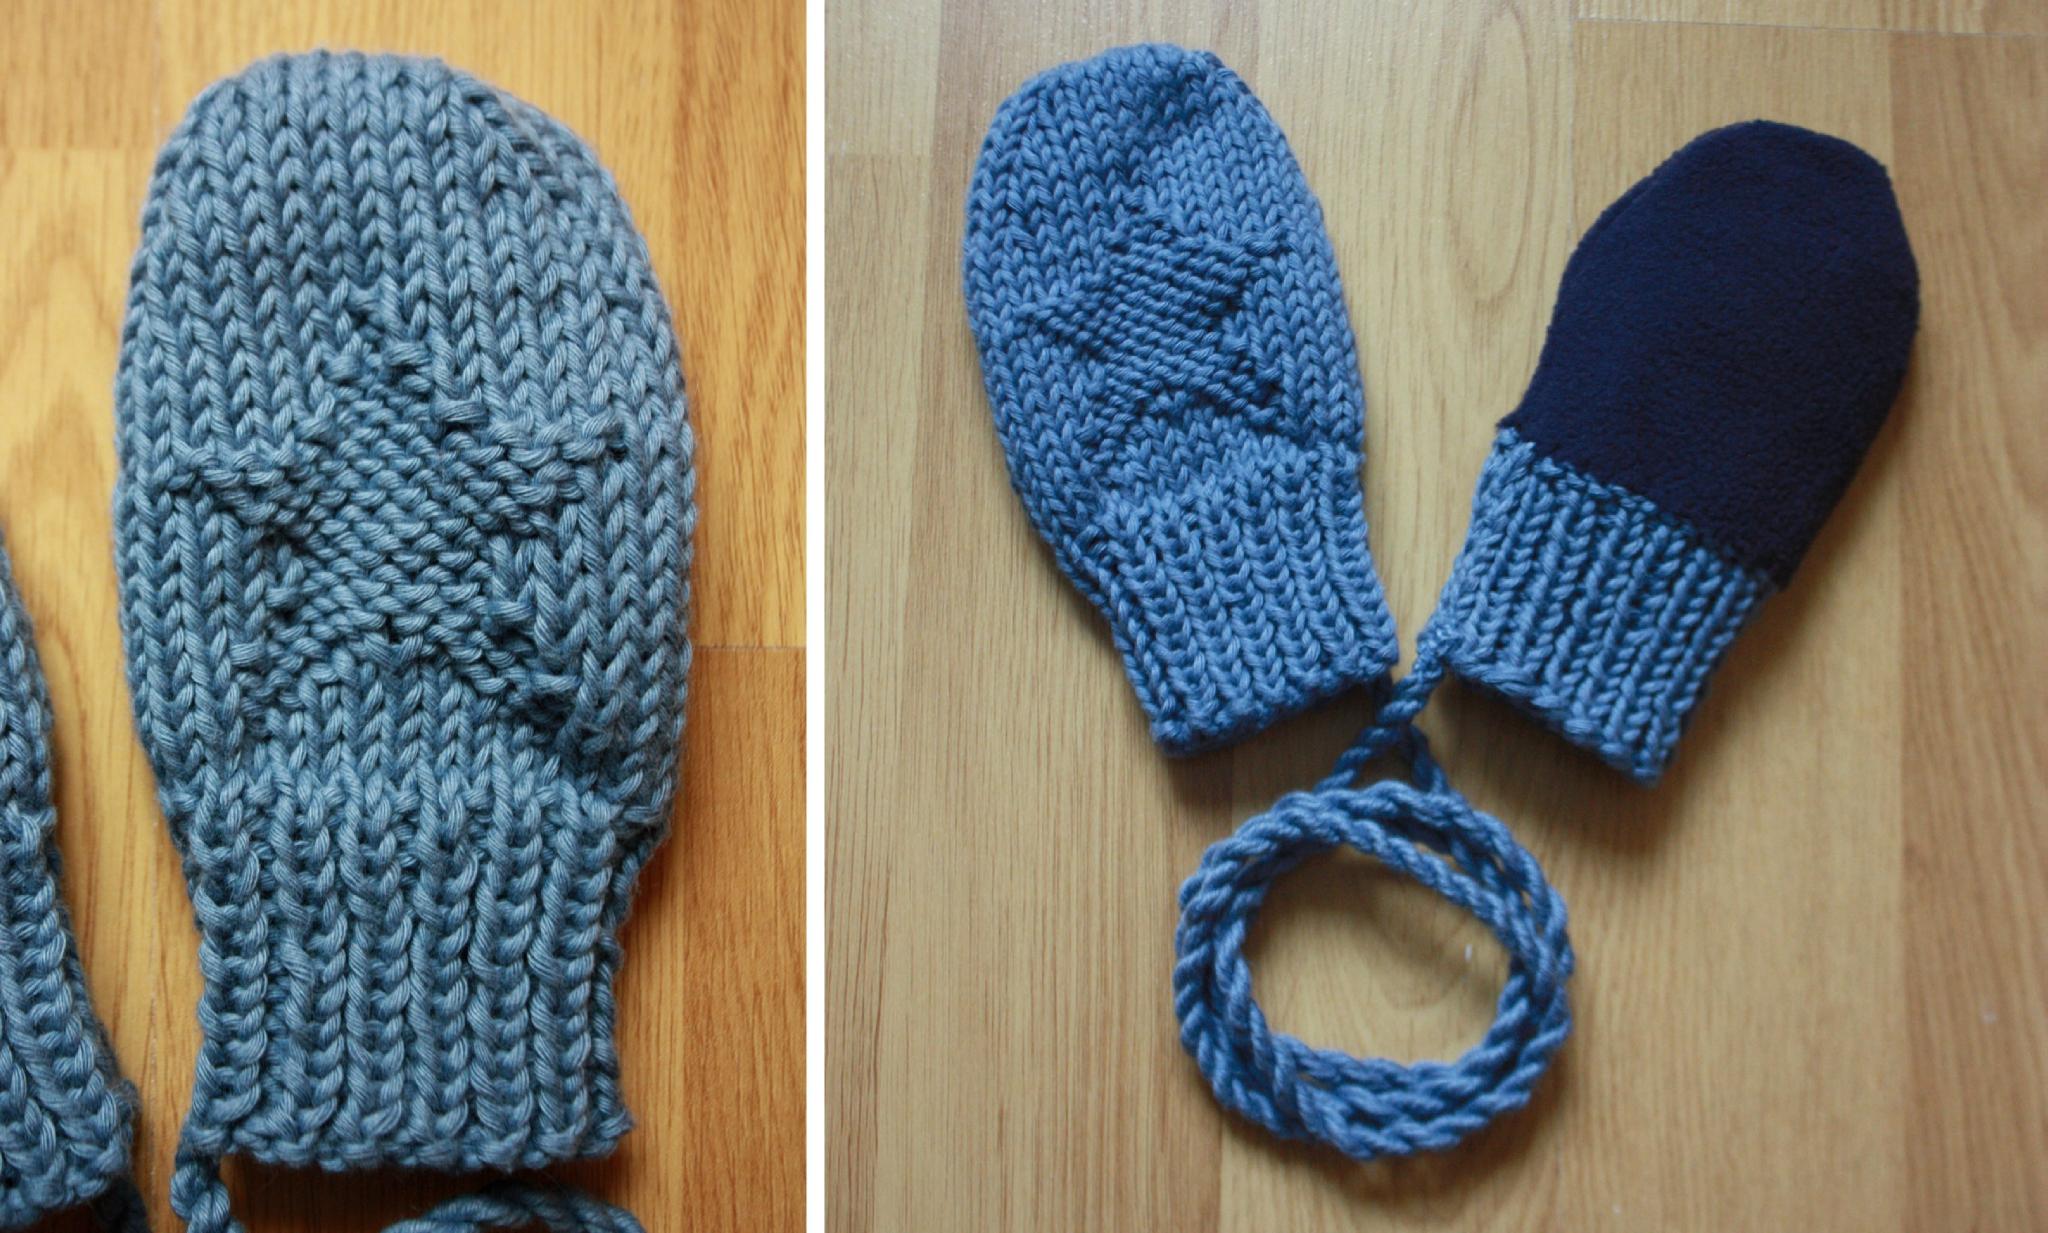 bb62e1c24a37 Tricoter moufles 2 ans - Idées de tricot gratuit